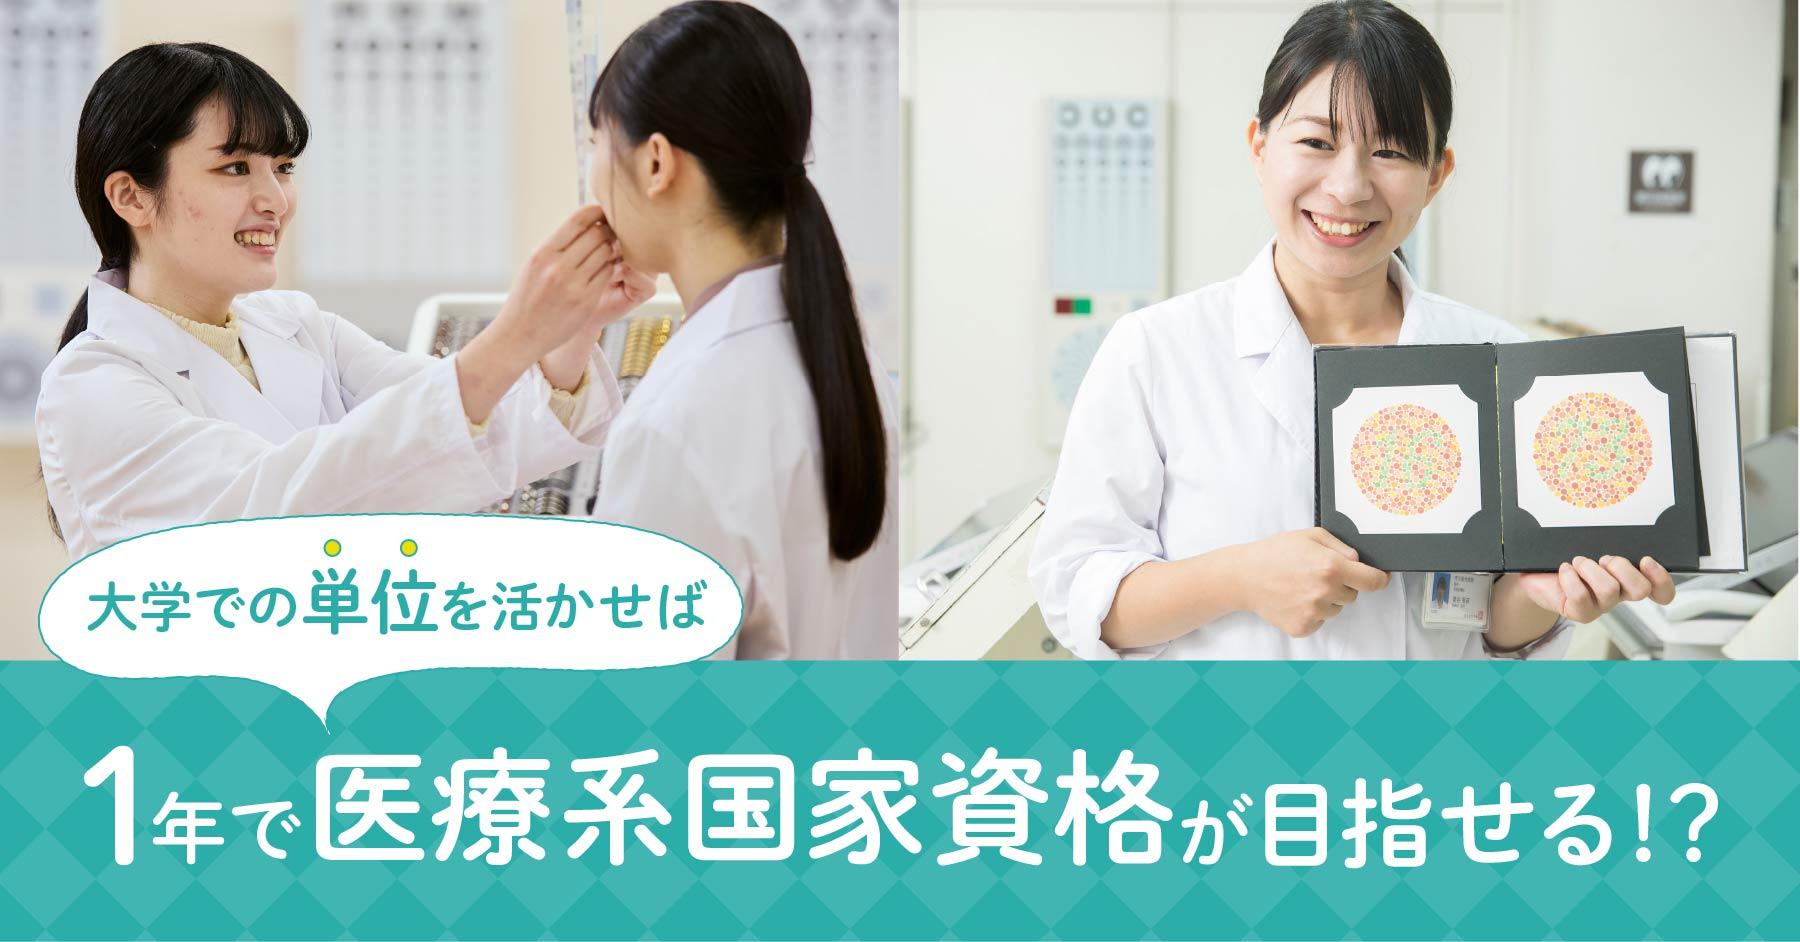 大学での単位を活かせば1年で医療系国家資格が目指せる!?